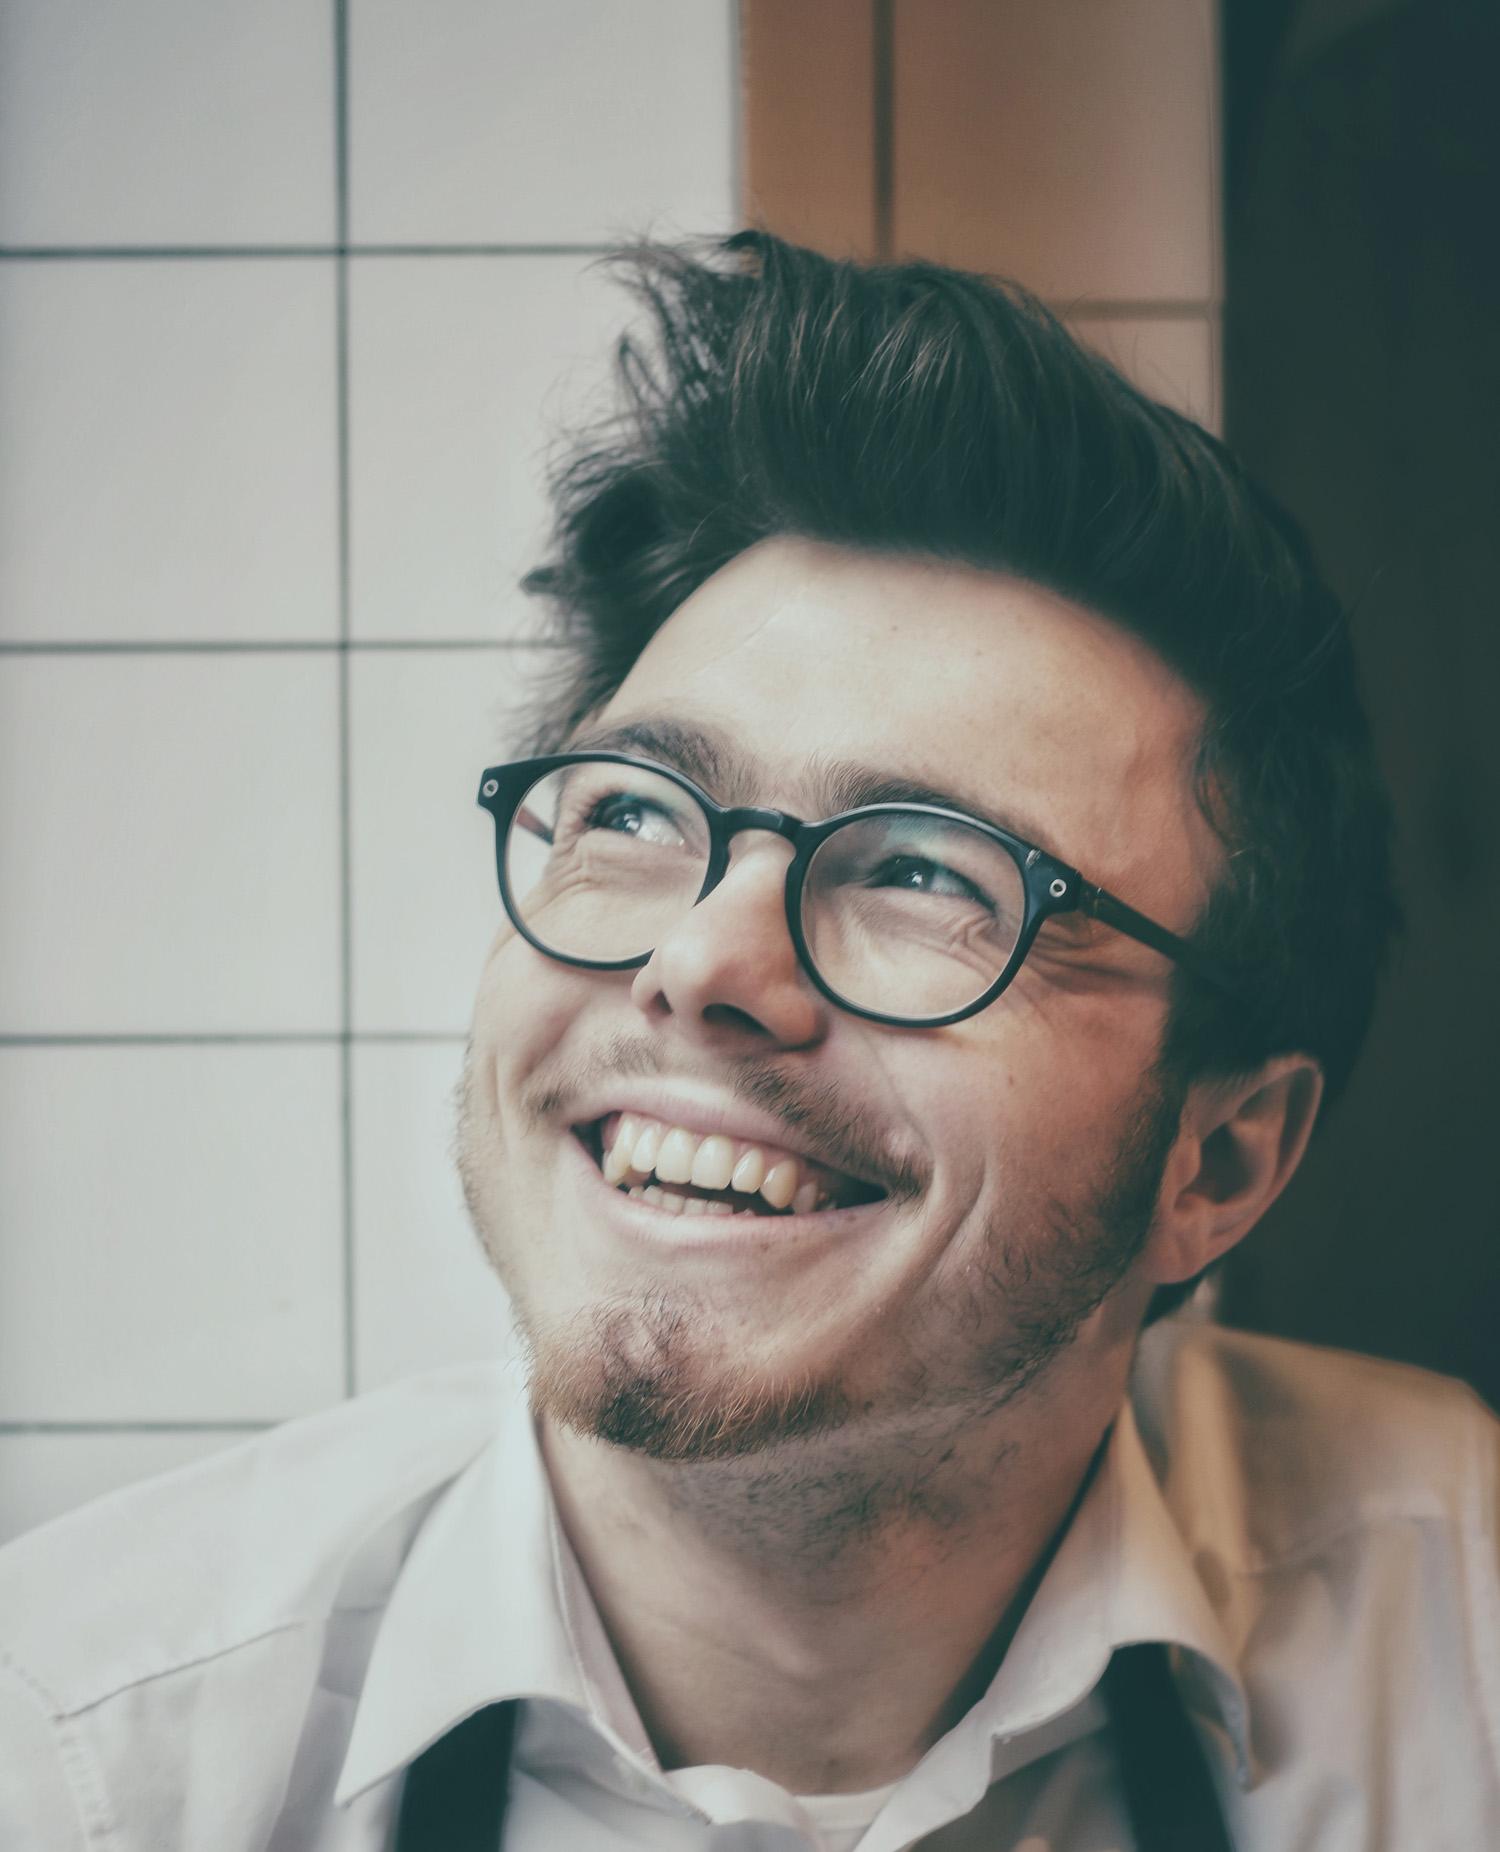 Immagine di un ragazzo che sorride